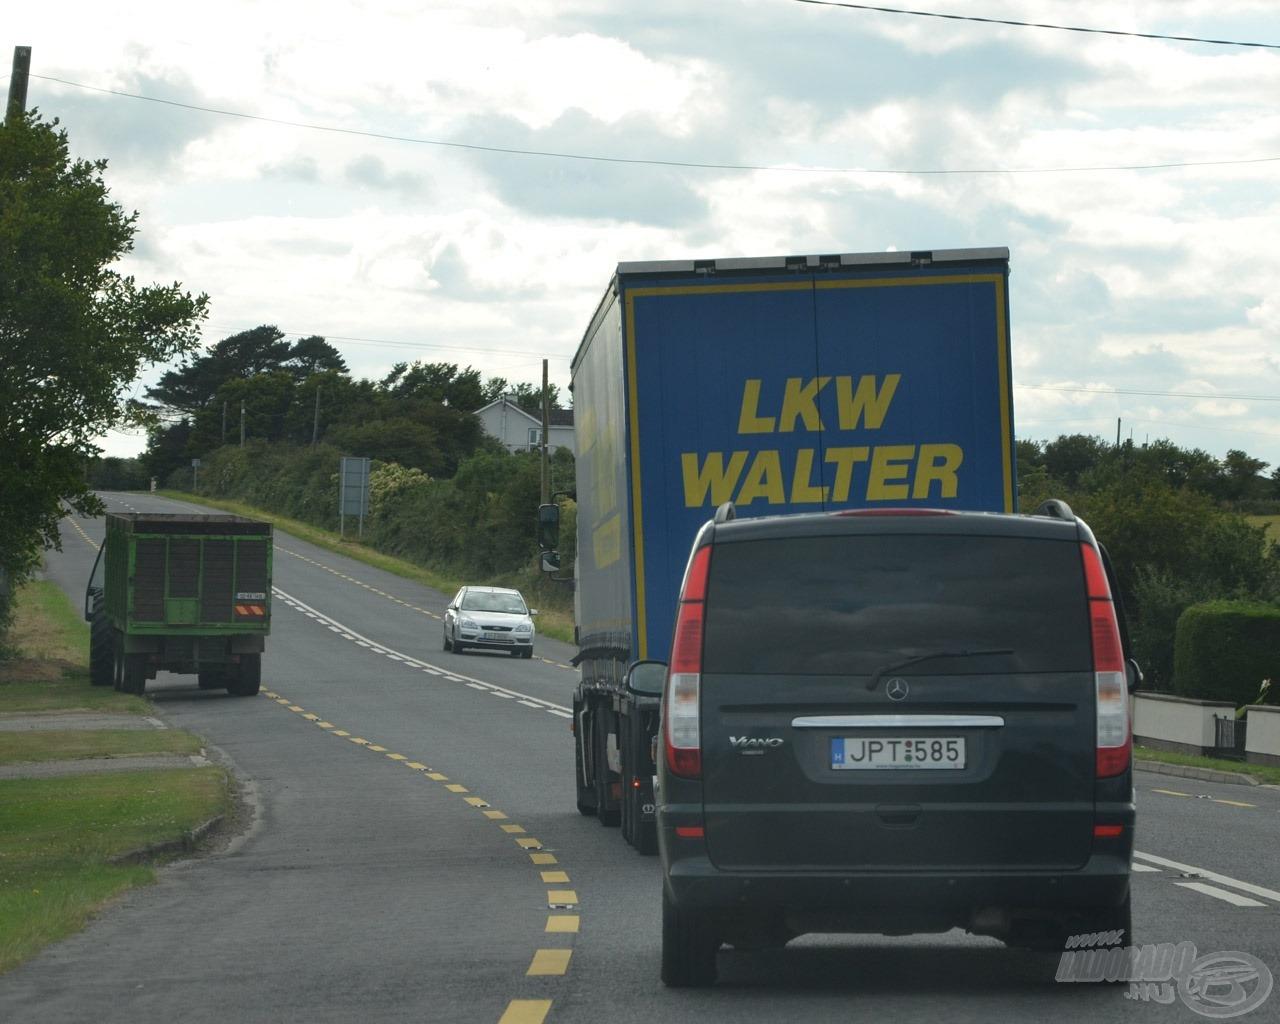 Nem is tudtuk, hogy a kapitányunk Walter Tomi kamion felvezetést is leszervezett :)